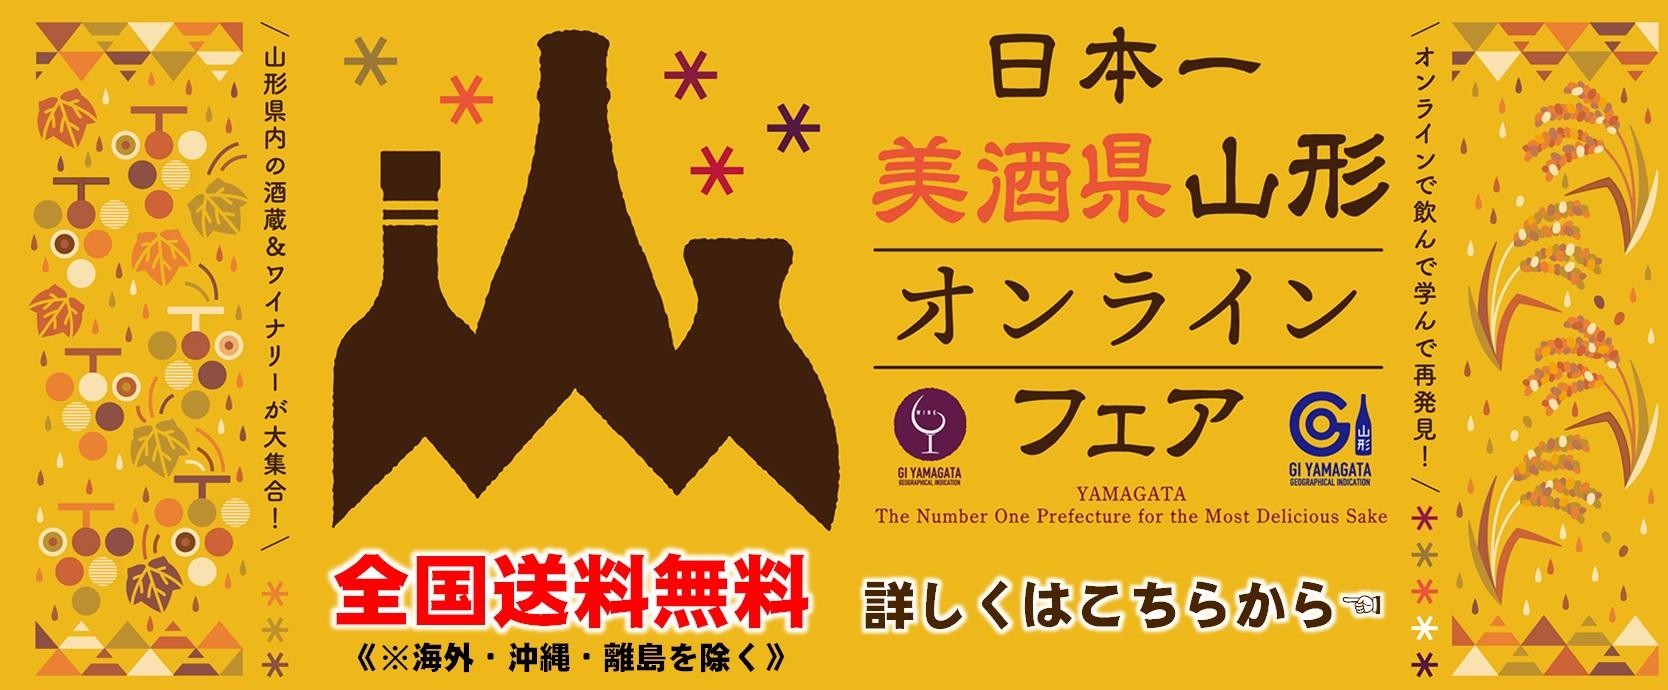 美酒県山形2021